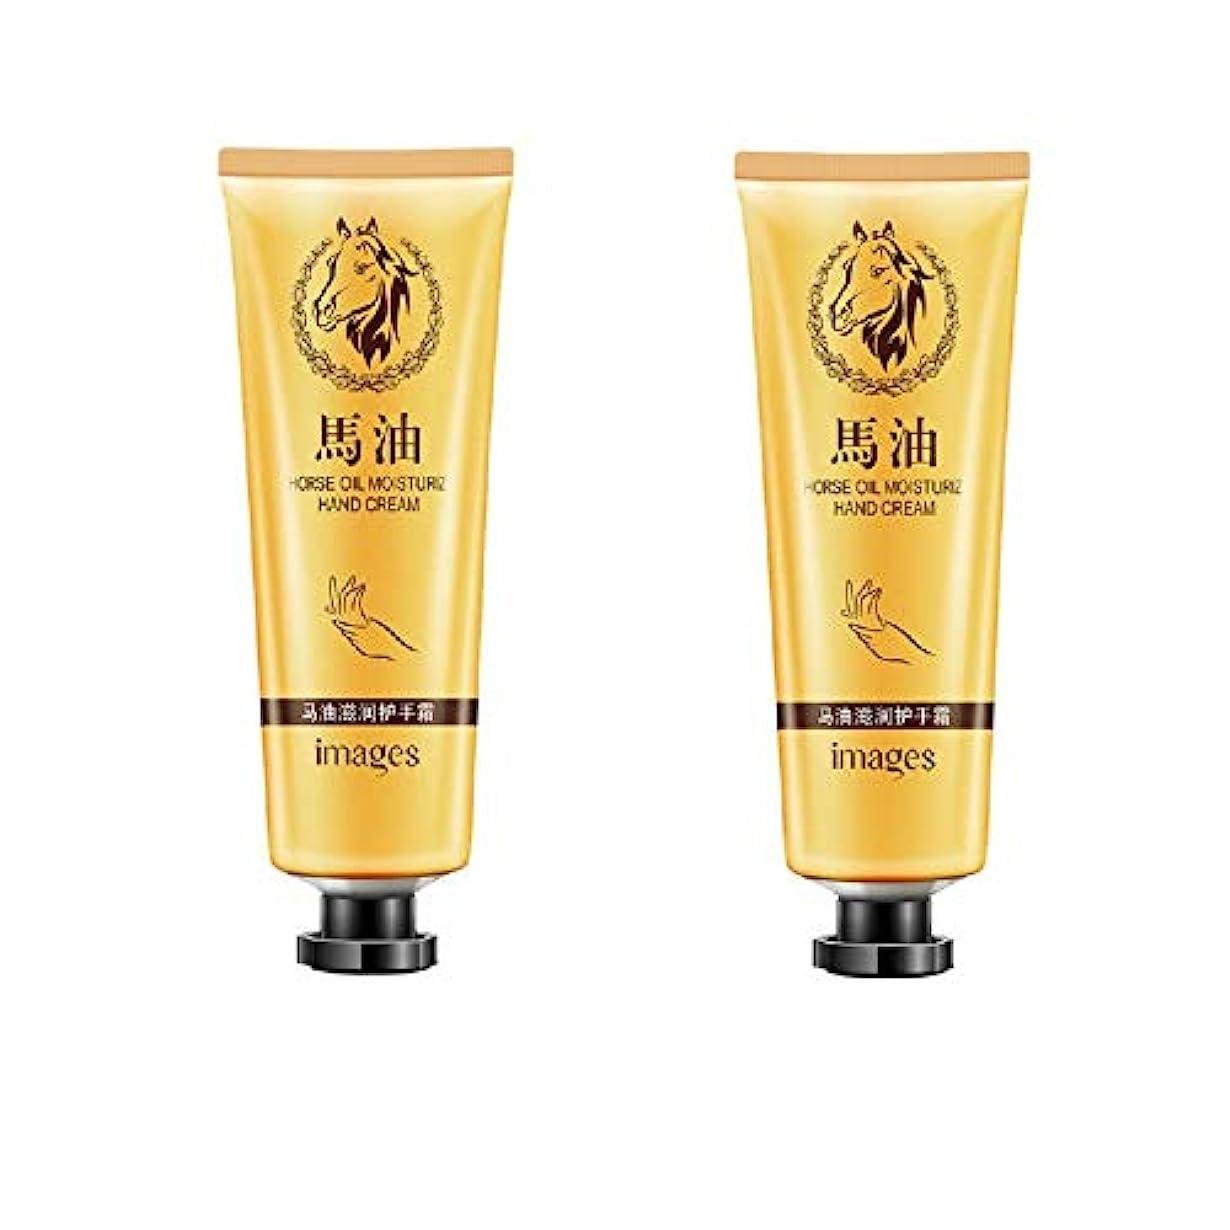 ビクター対応メロドラマRuier-tong 馬油ハンドクリーム お得2本セット インテンスリペア ハンドクリーム &ボディローション 皮膚があかぎれ防止 ハンドクリーム 手肌用保湿 濃厚な保湿力 低刺激 超乾燥肌用 30g